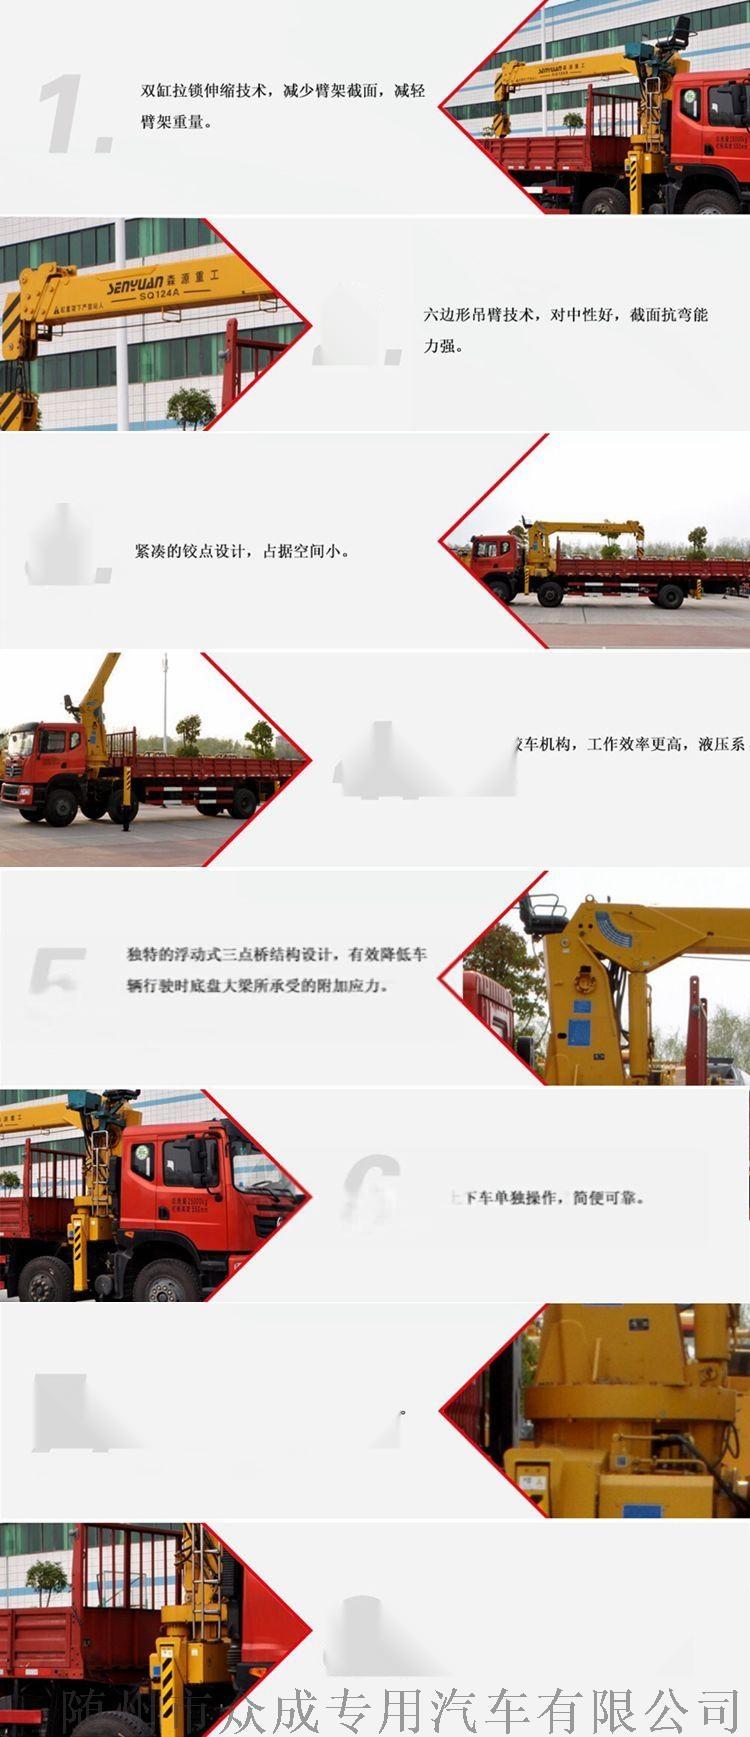 专业定做12吨随车吊16吨随车吊厂家直销133319655